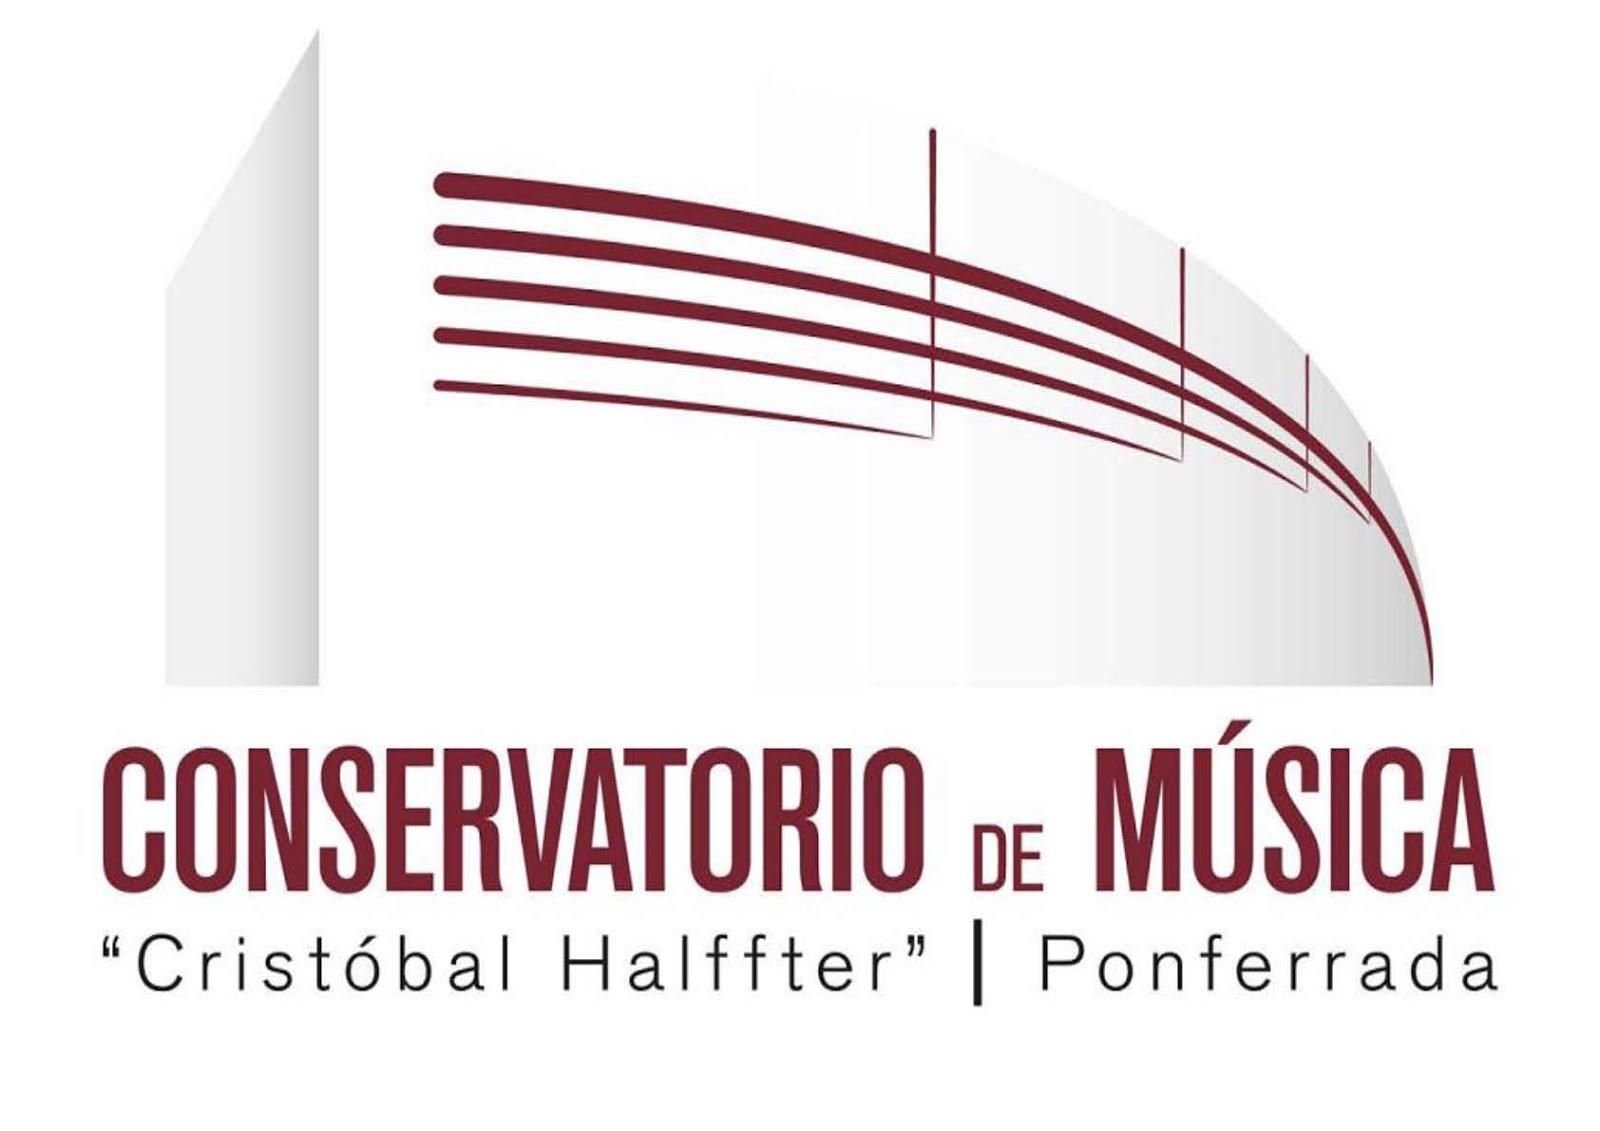 """Conservatorio de Música """"Cristobal Halffter"""" Ponferrada"""